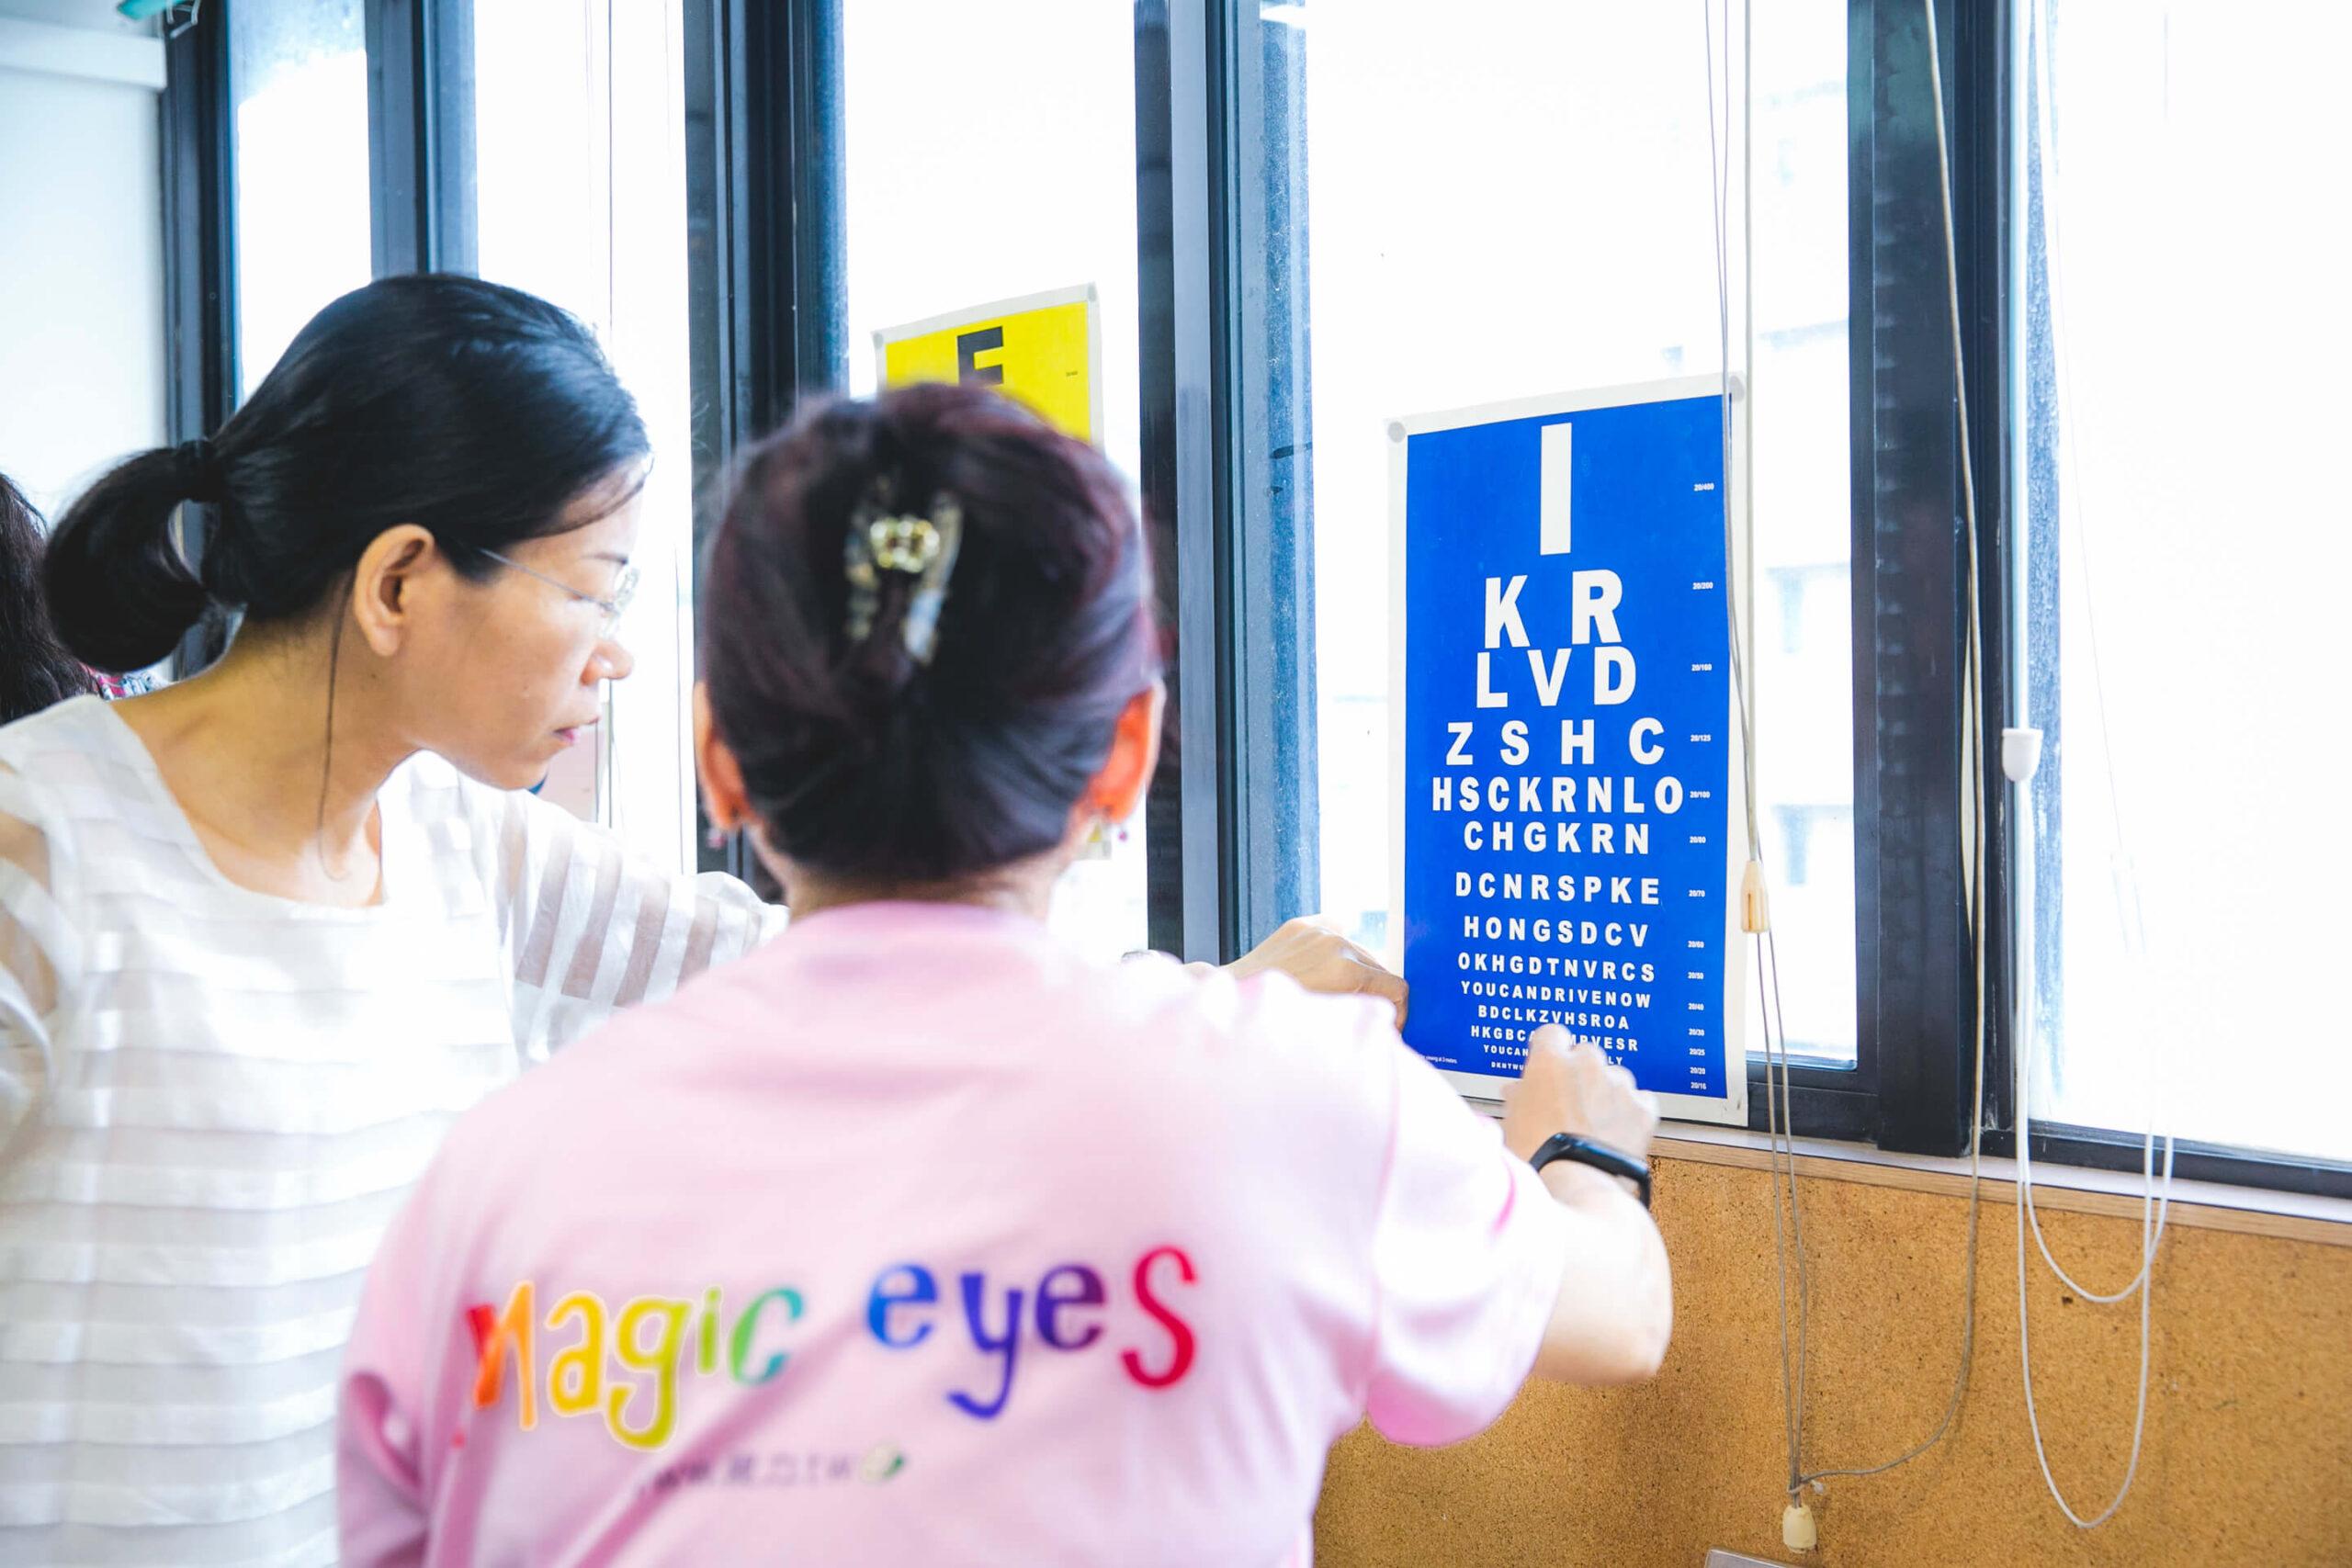 神奇的眼睛-視力保健訓練入門班